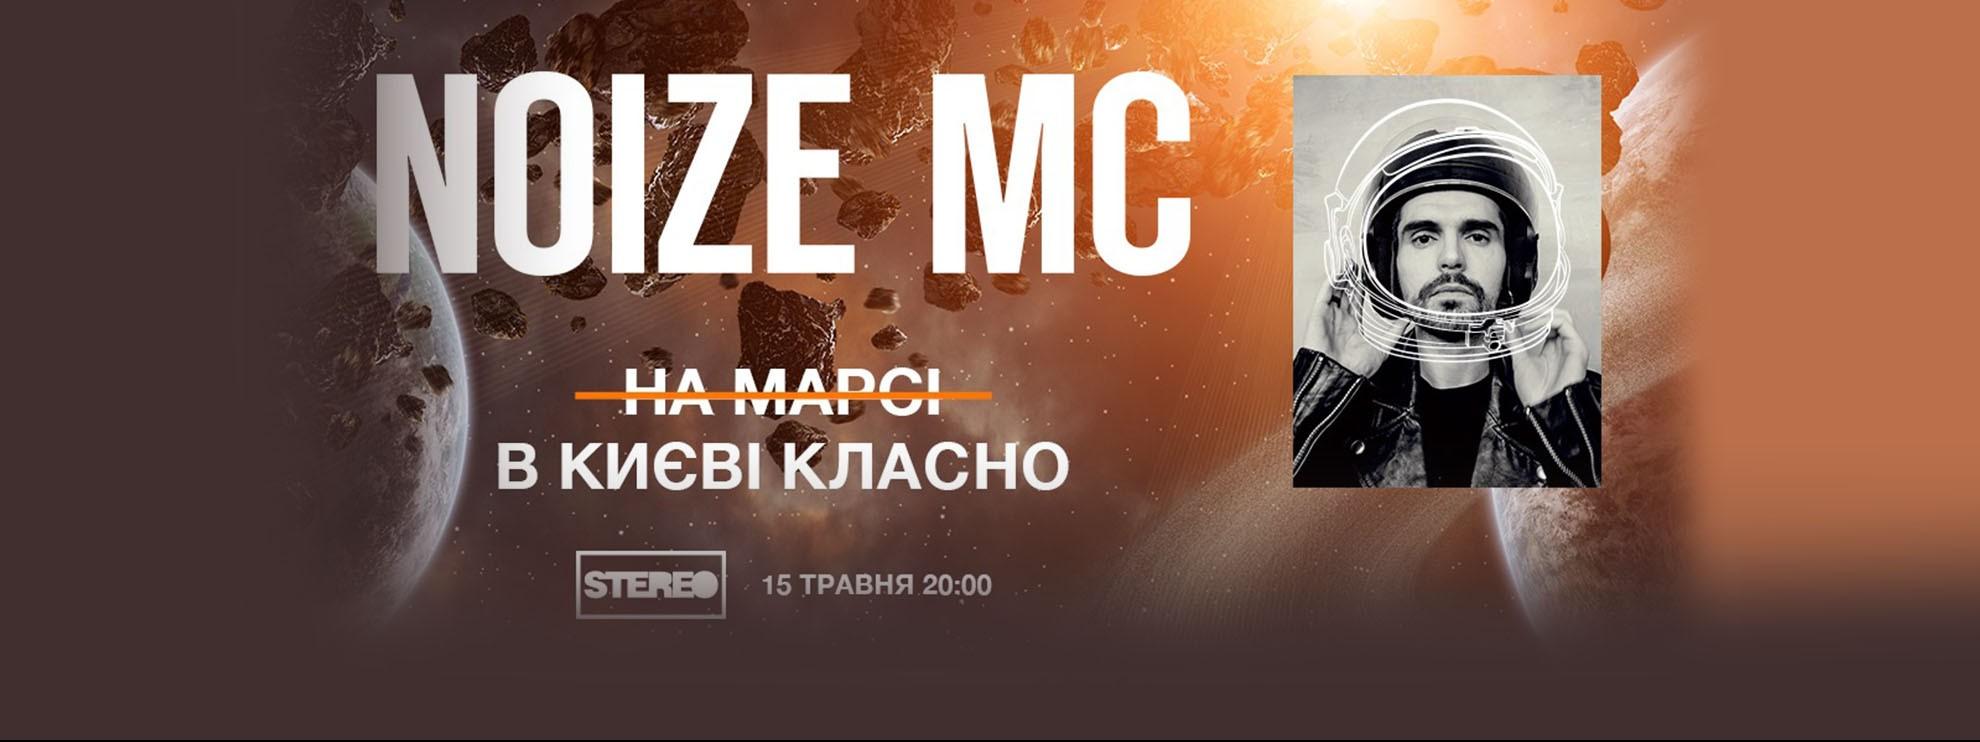 подія Noize MC (Нойз МС)